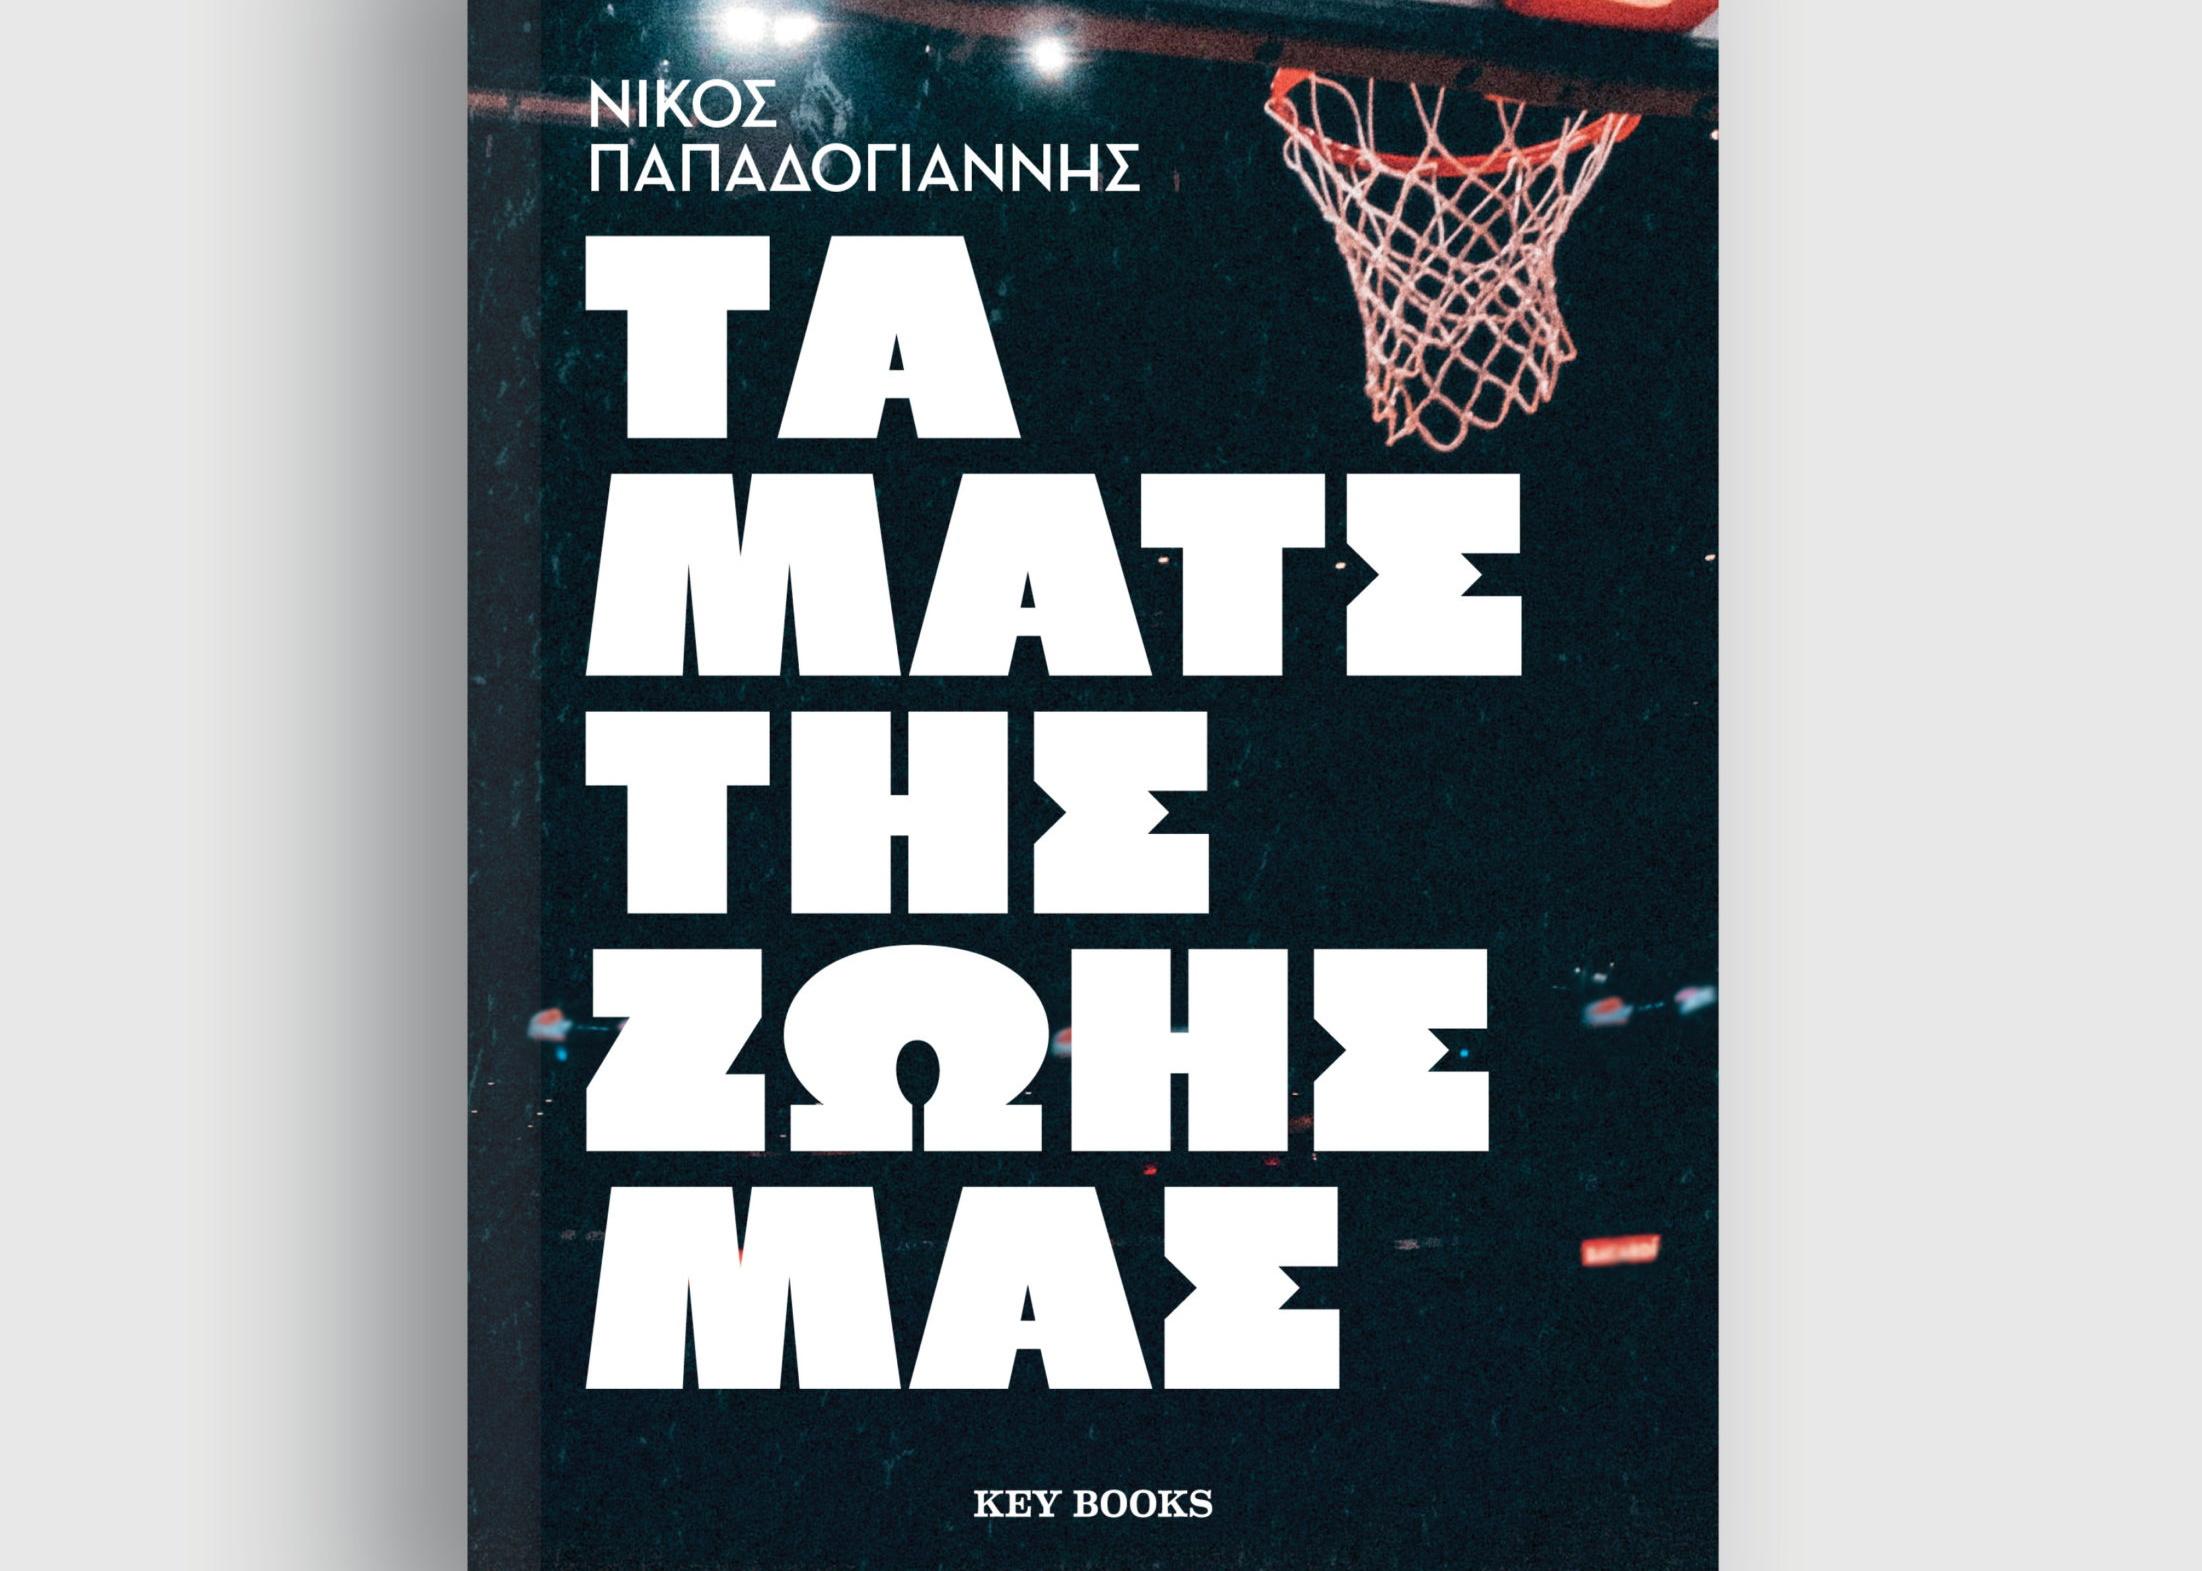 «Τα ματς της ζωής μας», το νέο βιβλίο του Νίκου Παπαδογιάννη